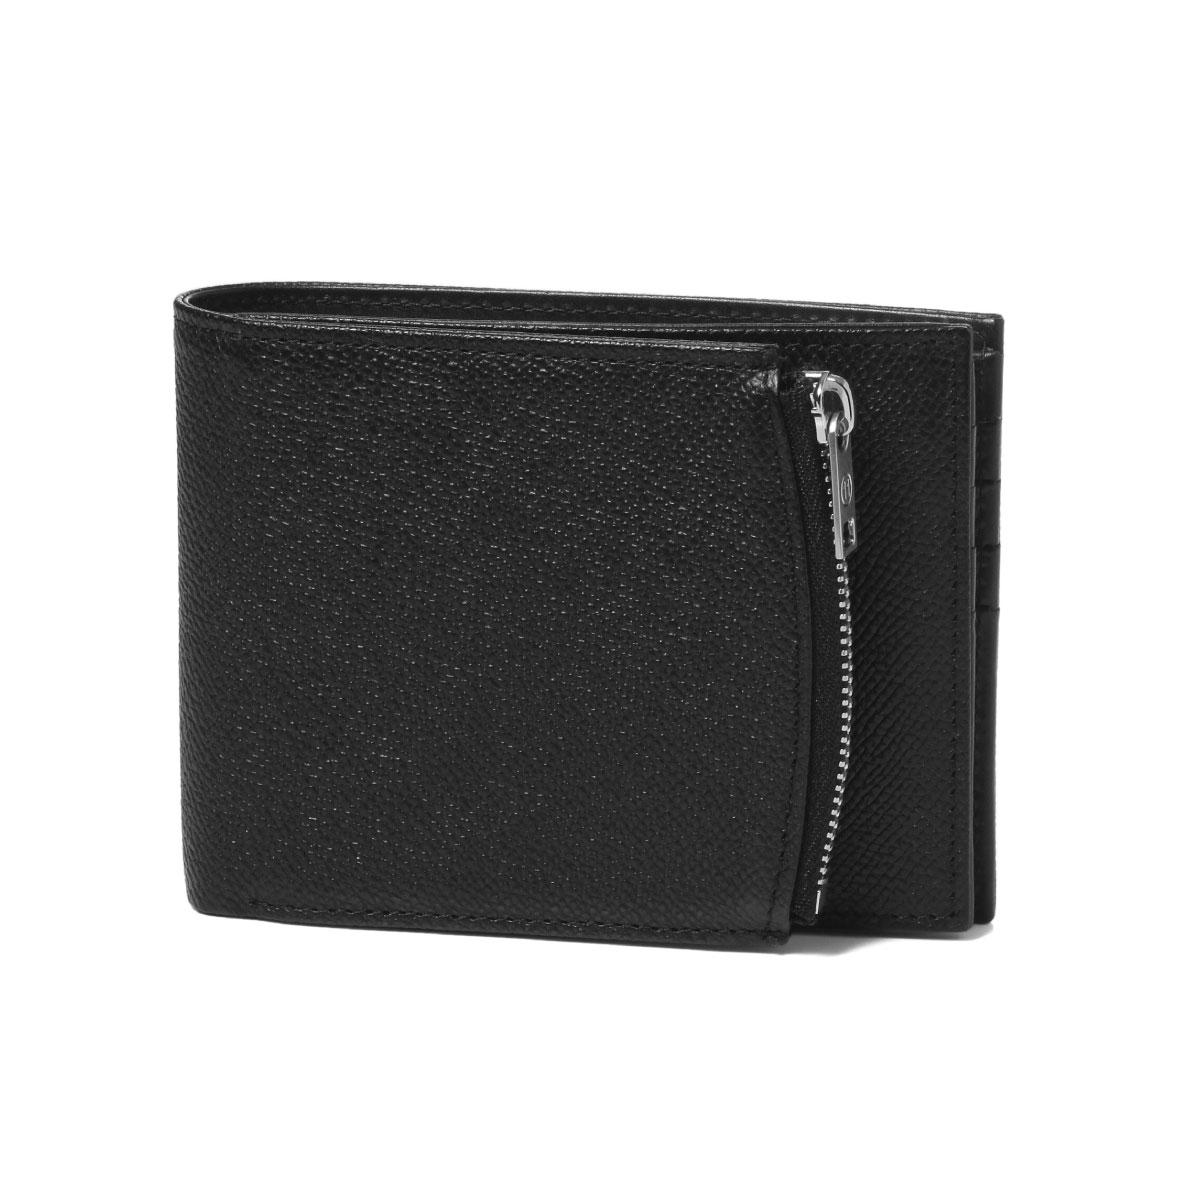 財布・ケース, メンズ財布  MAISON MARGIELA S35UI0436 P0399 T8013 11 BLACK